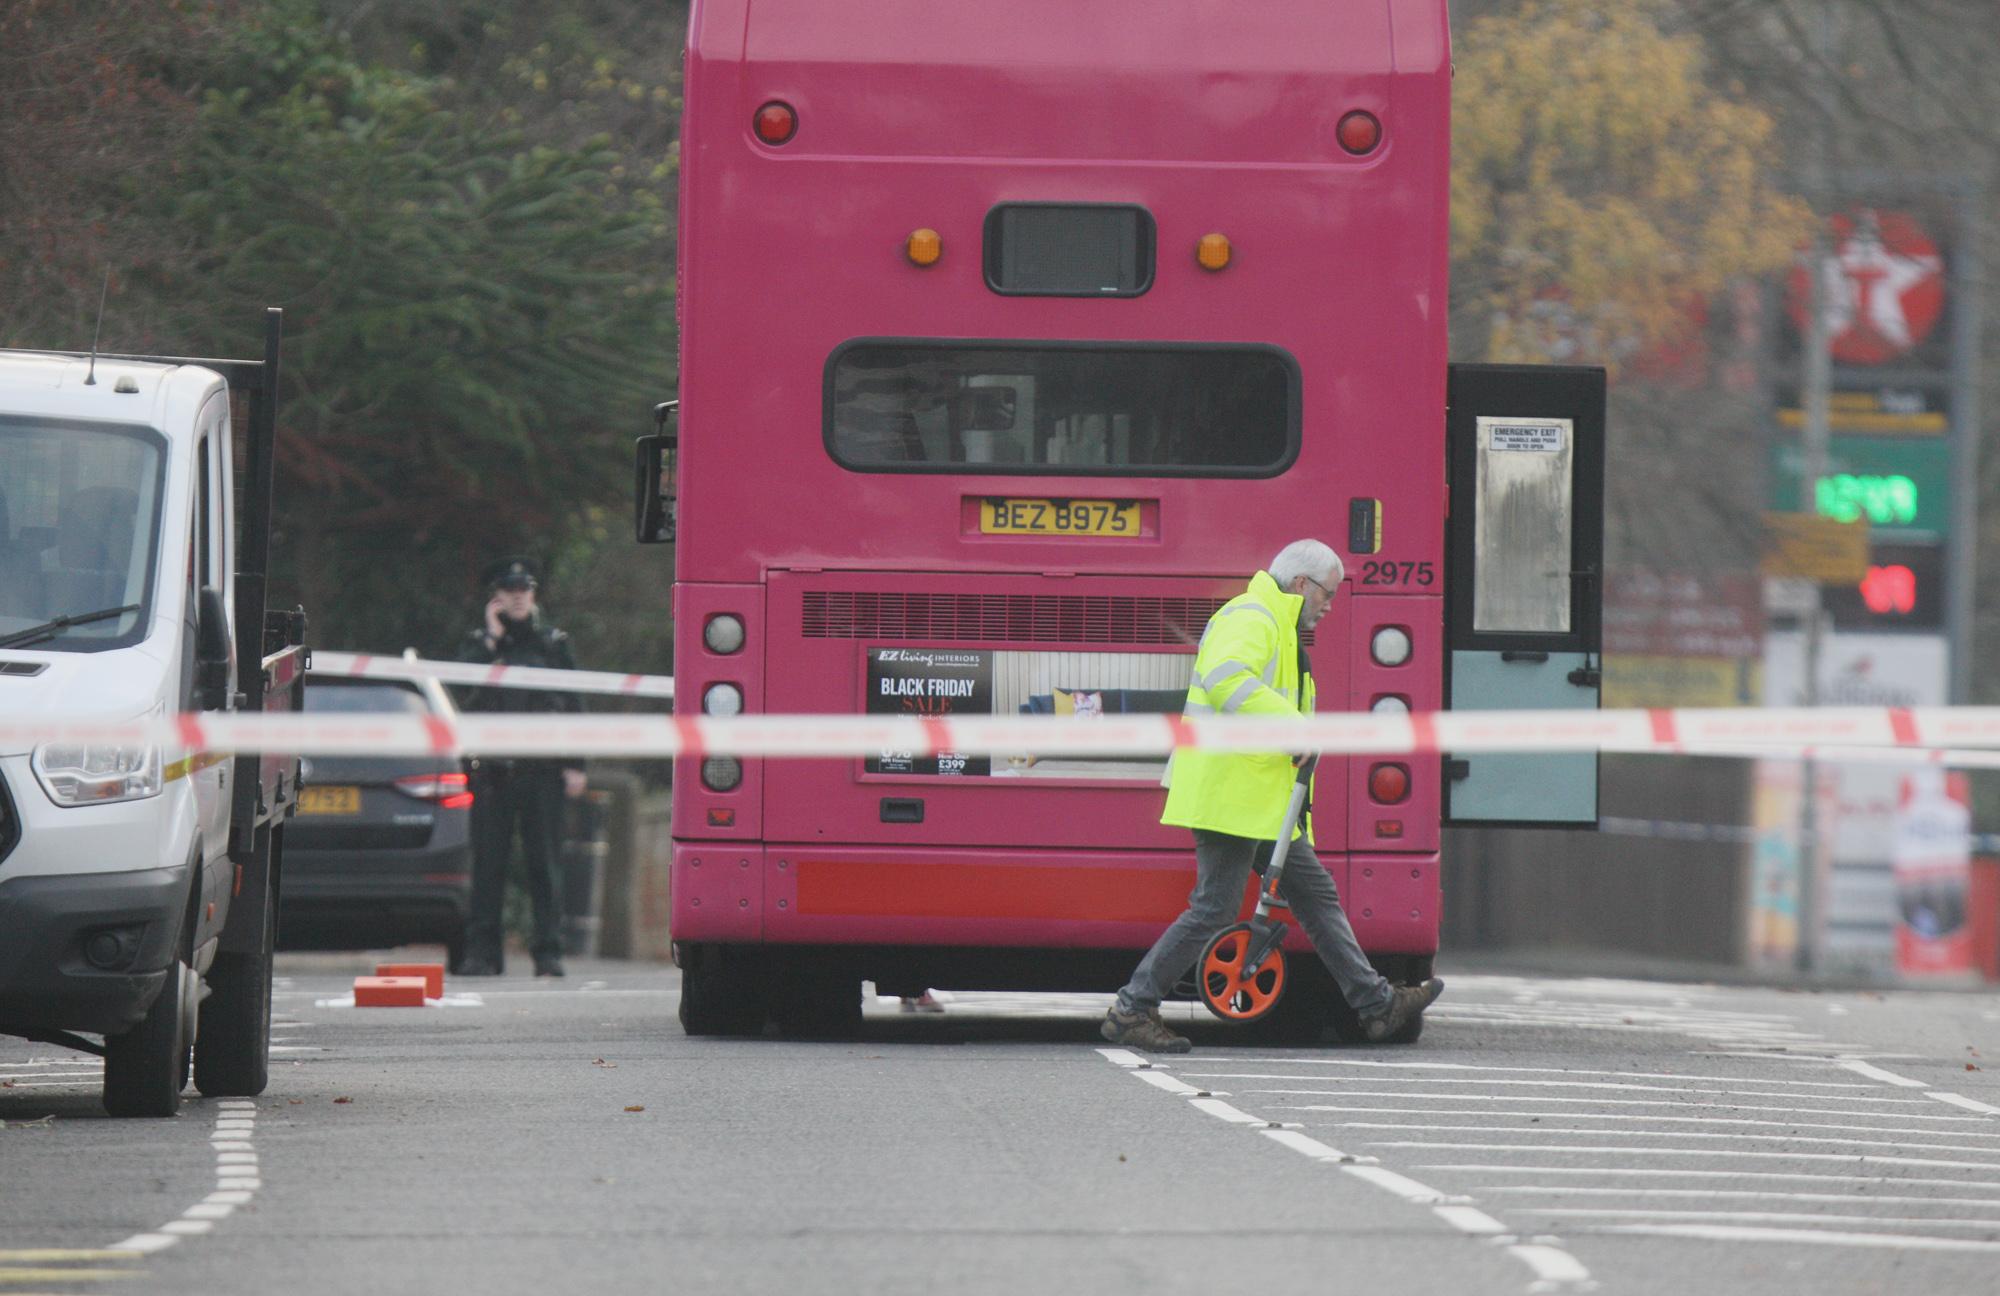 Antrim road bus 2211tm18 01